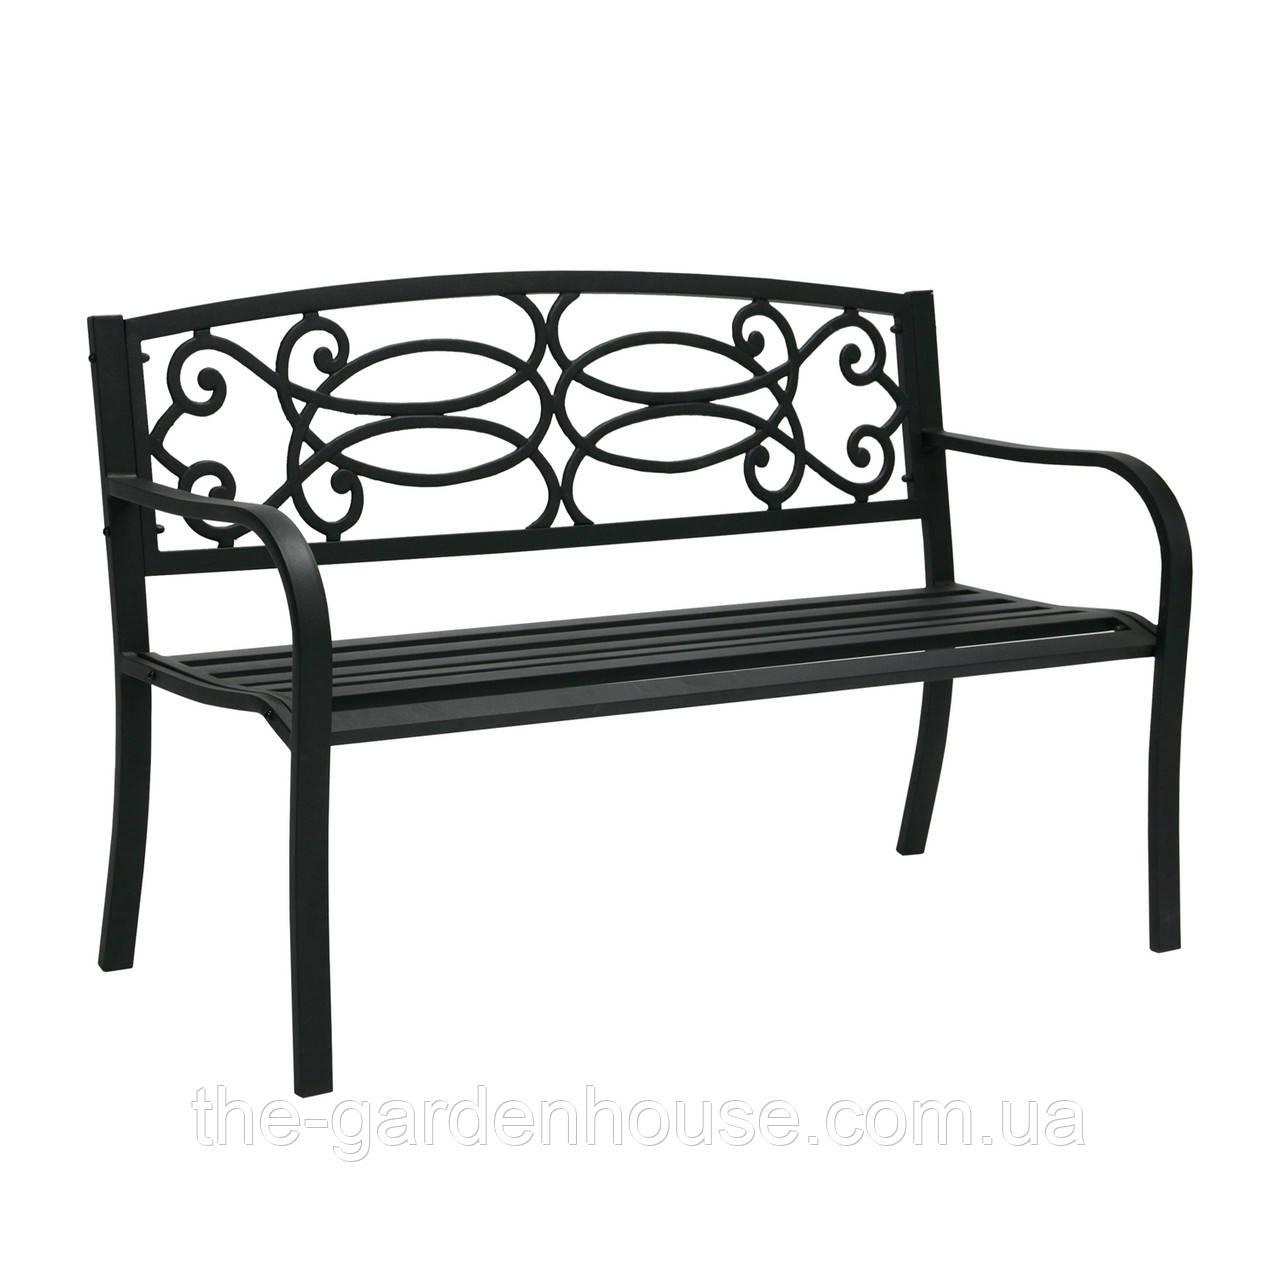 Металлическая садовая скамейка Верде